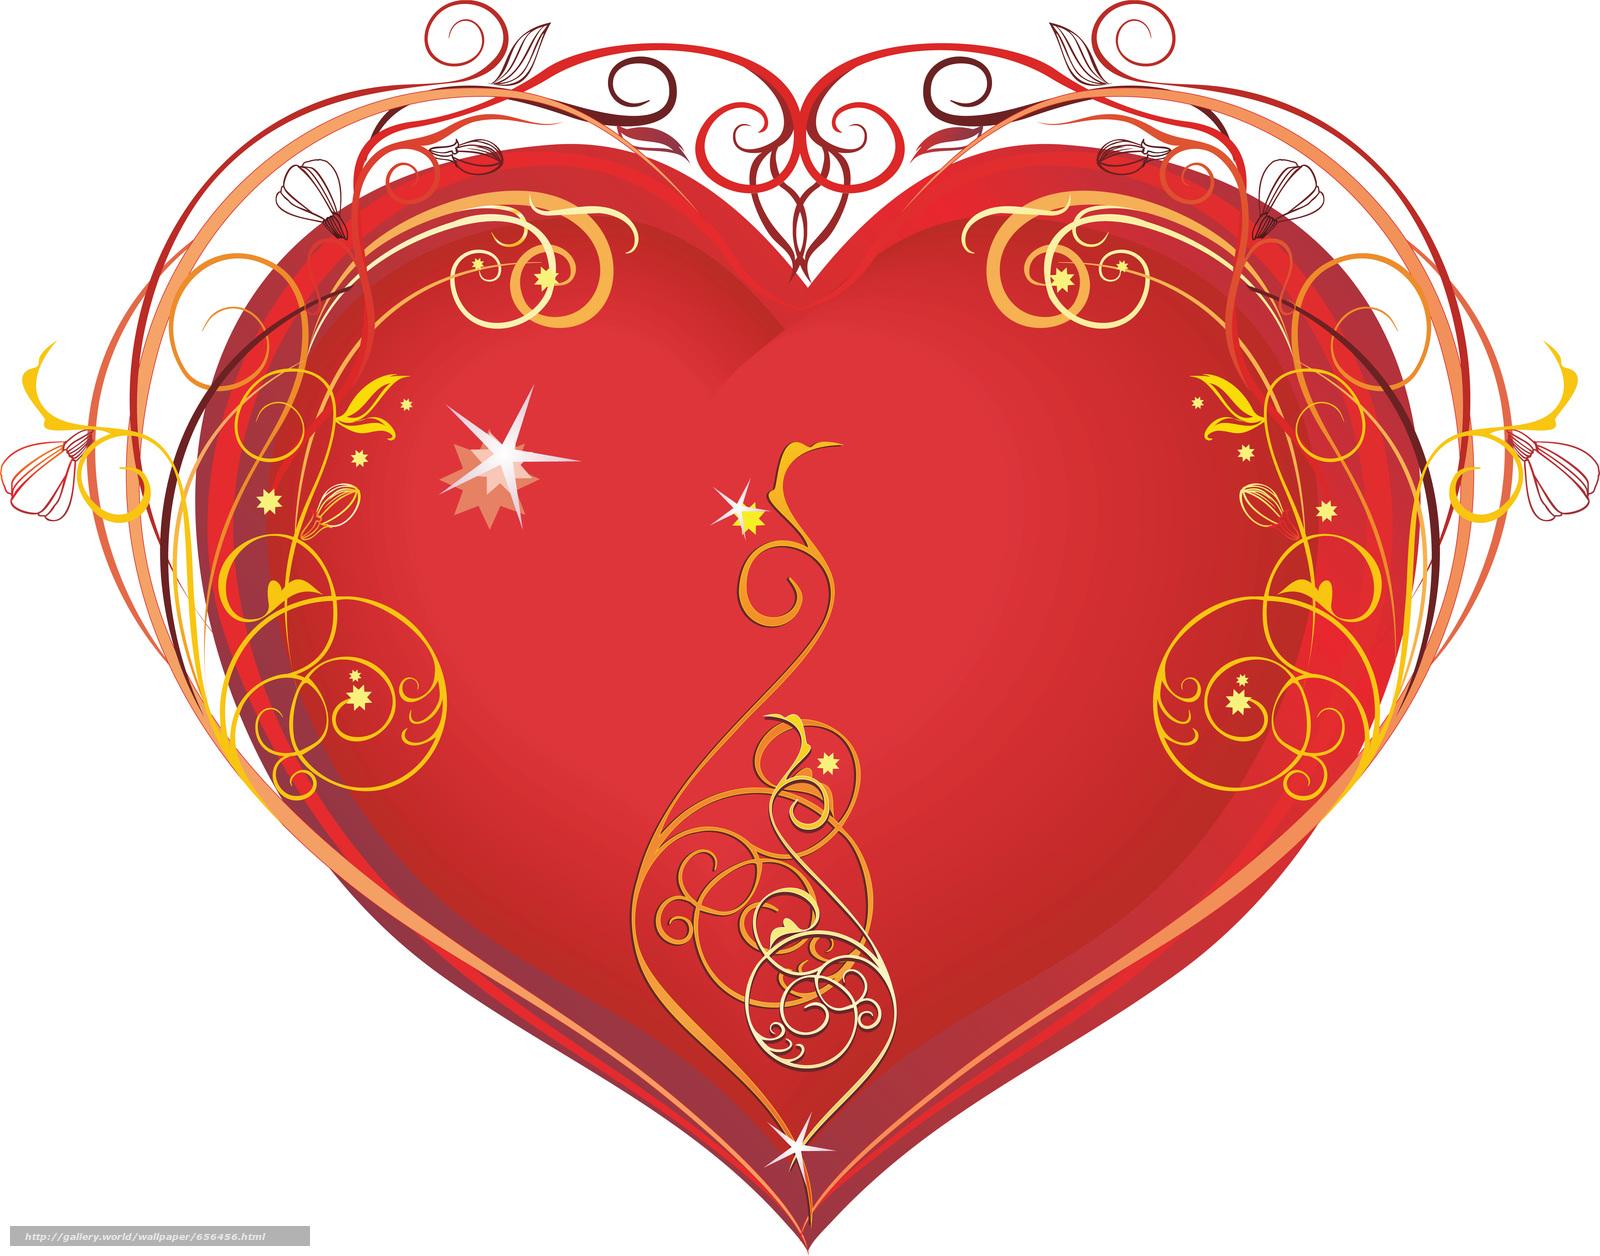 Скачать обои день святого валентина,  день всех влюбленных,  праздник,  сердце бесплатно для рабочего стола в разрешении 6395x5021 — картинка №656456